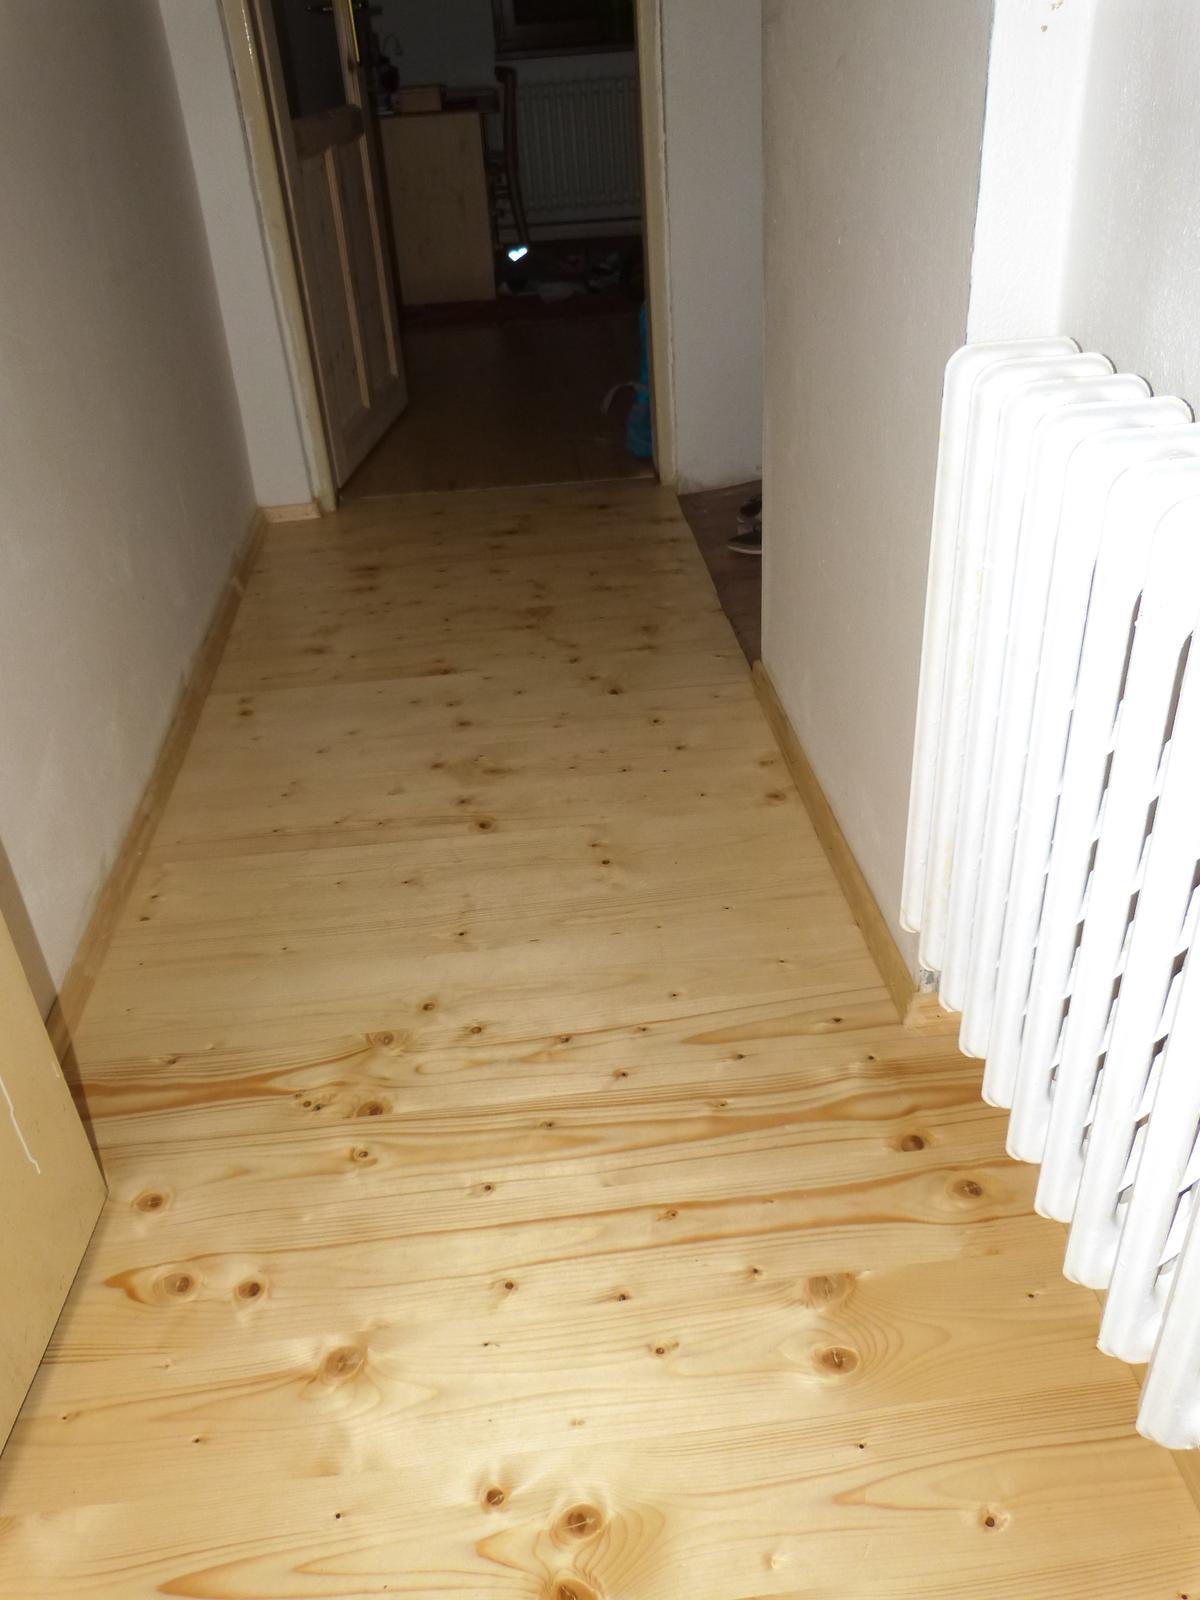 Podlahy - Podlaha v chodbičce v patře